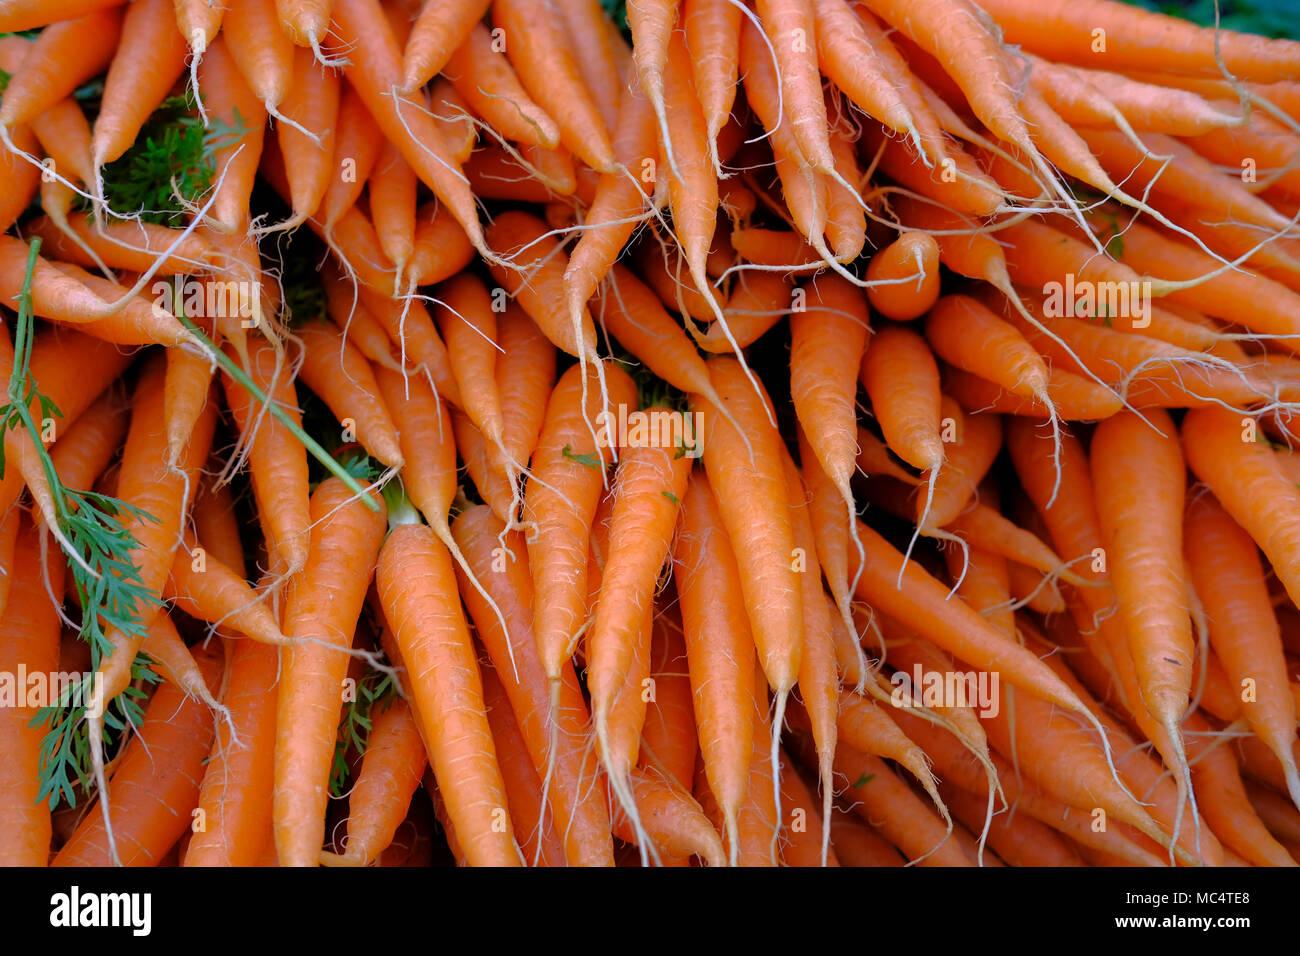 La Zanahoria Es Un Vegetal De Raiz Generalmente De Color Naranja Las Zanahorias Son Una Forma Domesticada De La Zanahoria Silvestre Daucus Carota Fotografia De Stock Alamy El color anaranjado desaparecerá cuando disminuyas la cantidad de zanahorias que ingieres. alamy